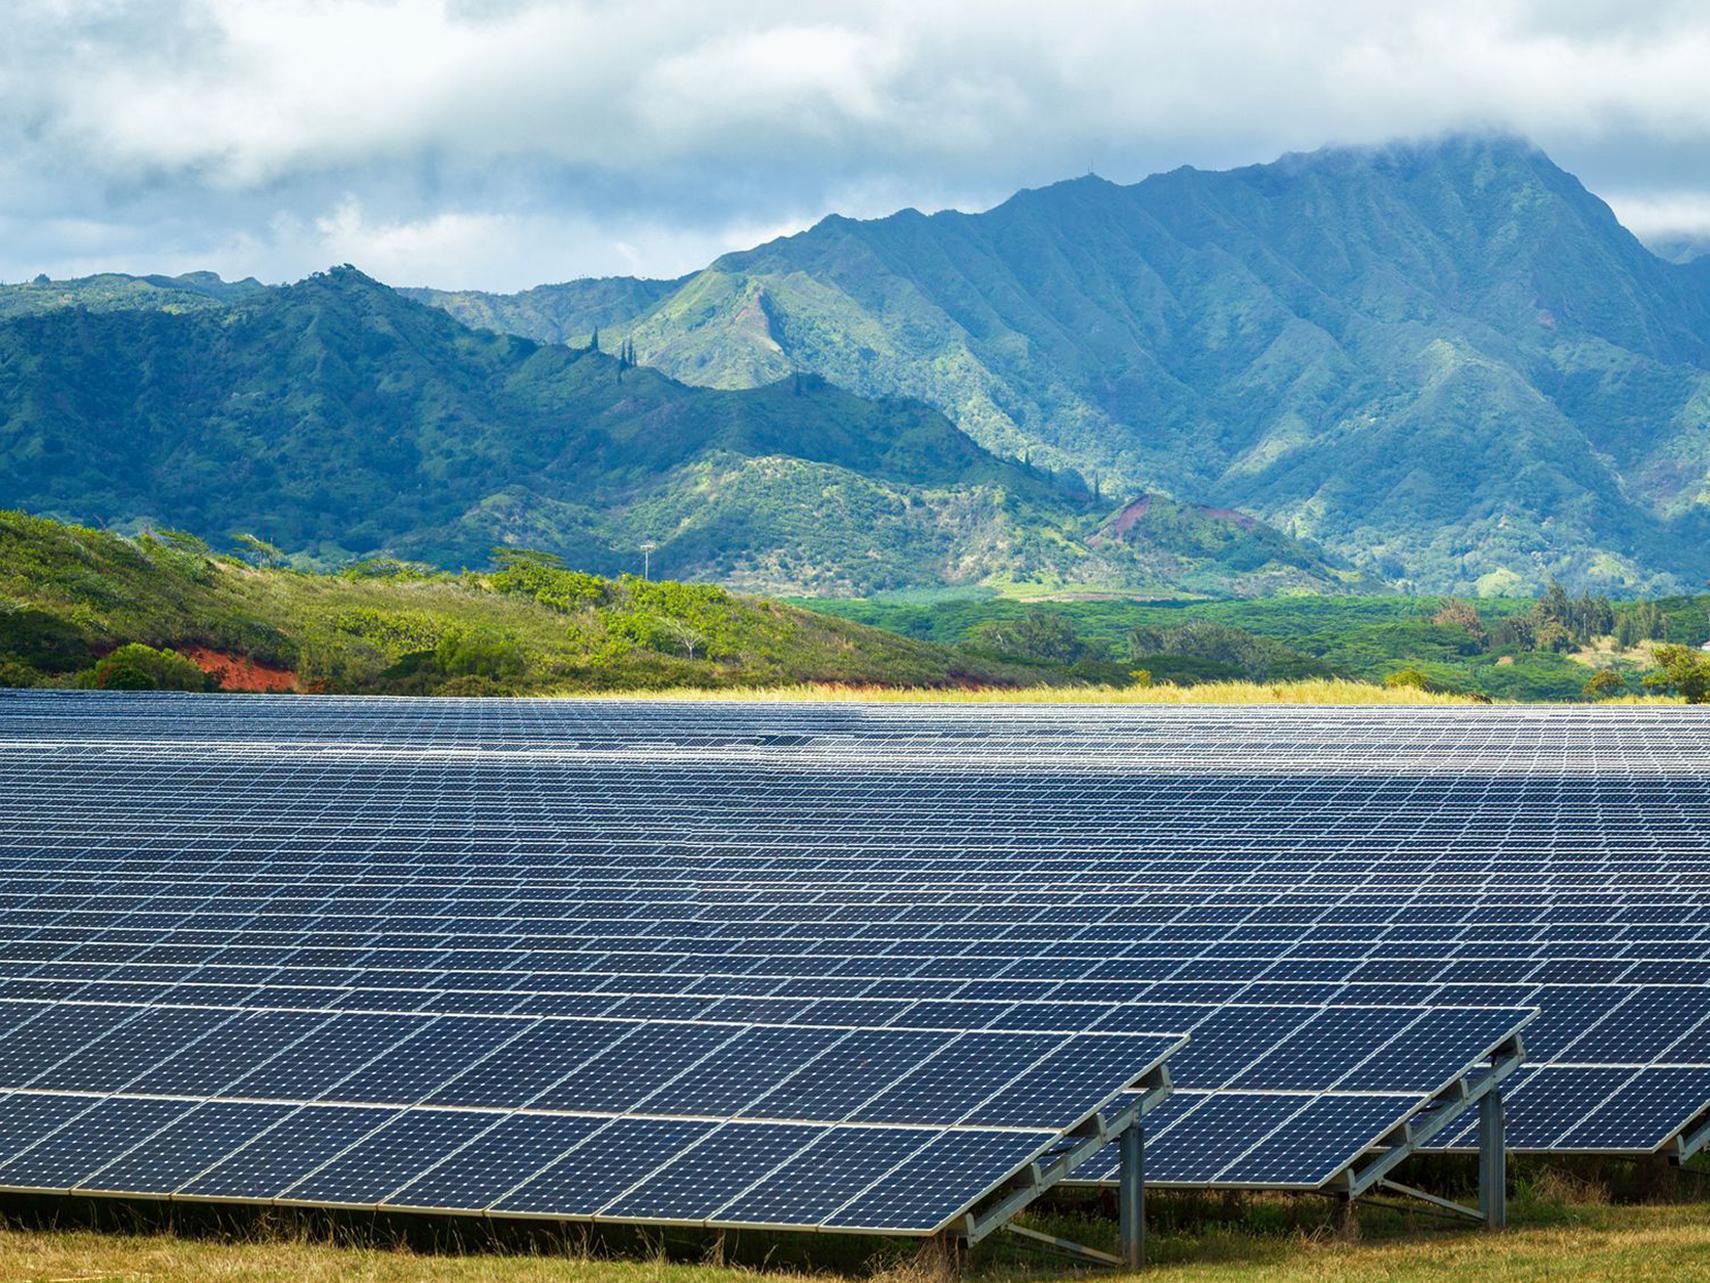 Фото: Сонячна електростанція в Поіпу, Кауаї, штат Гаваї, США.